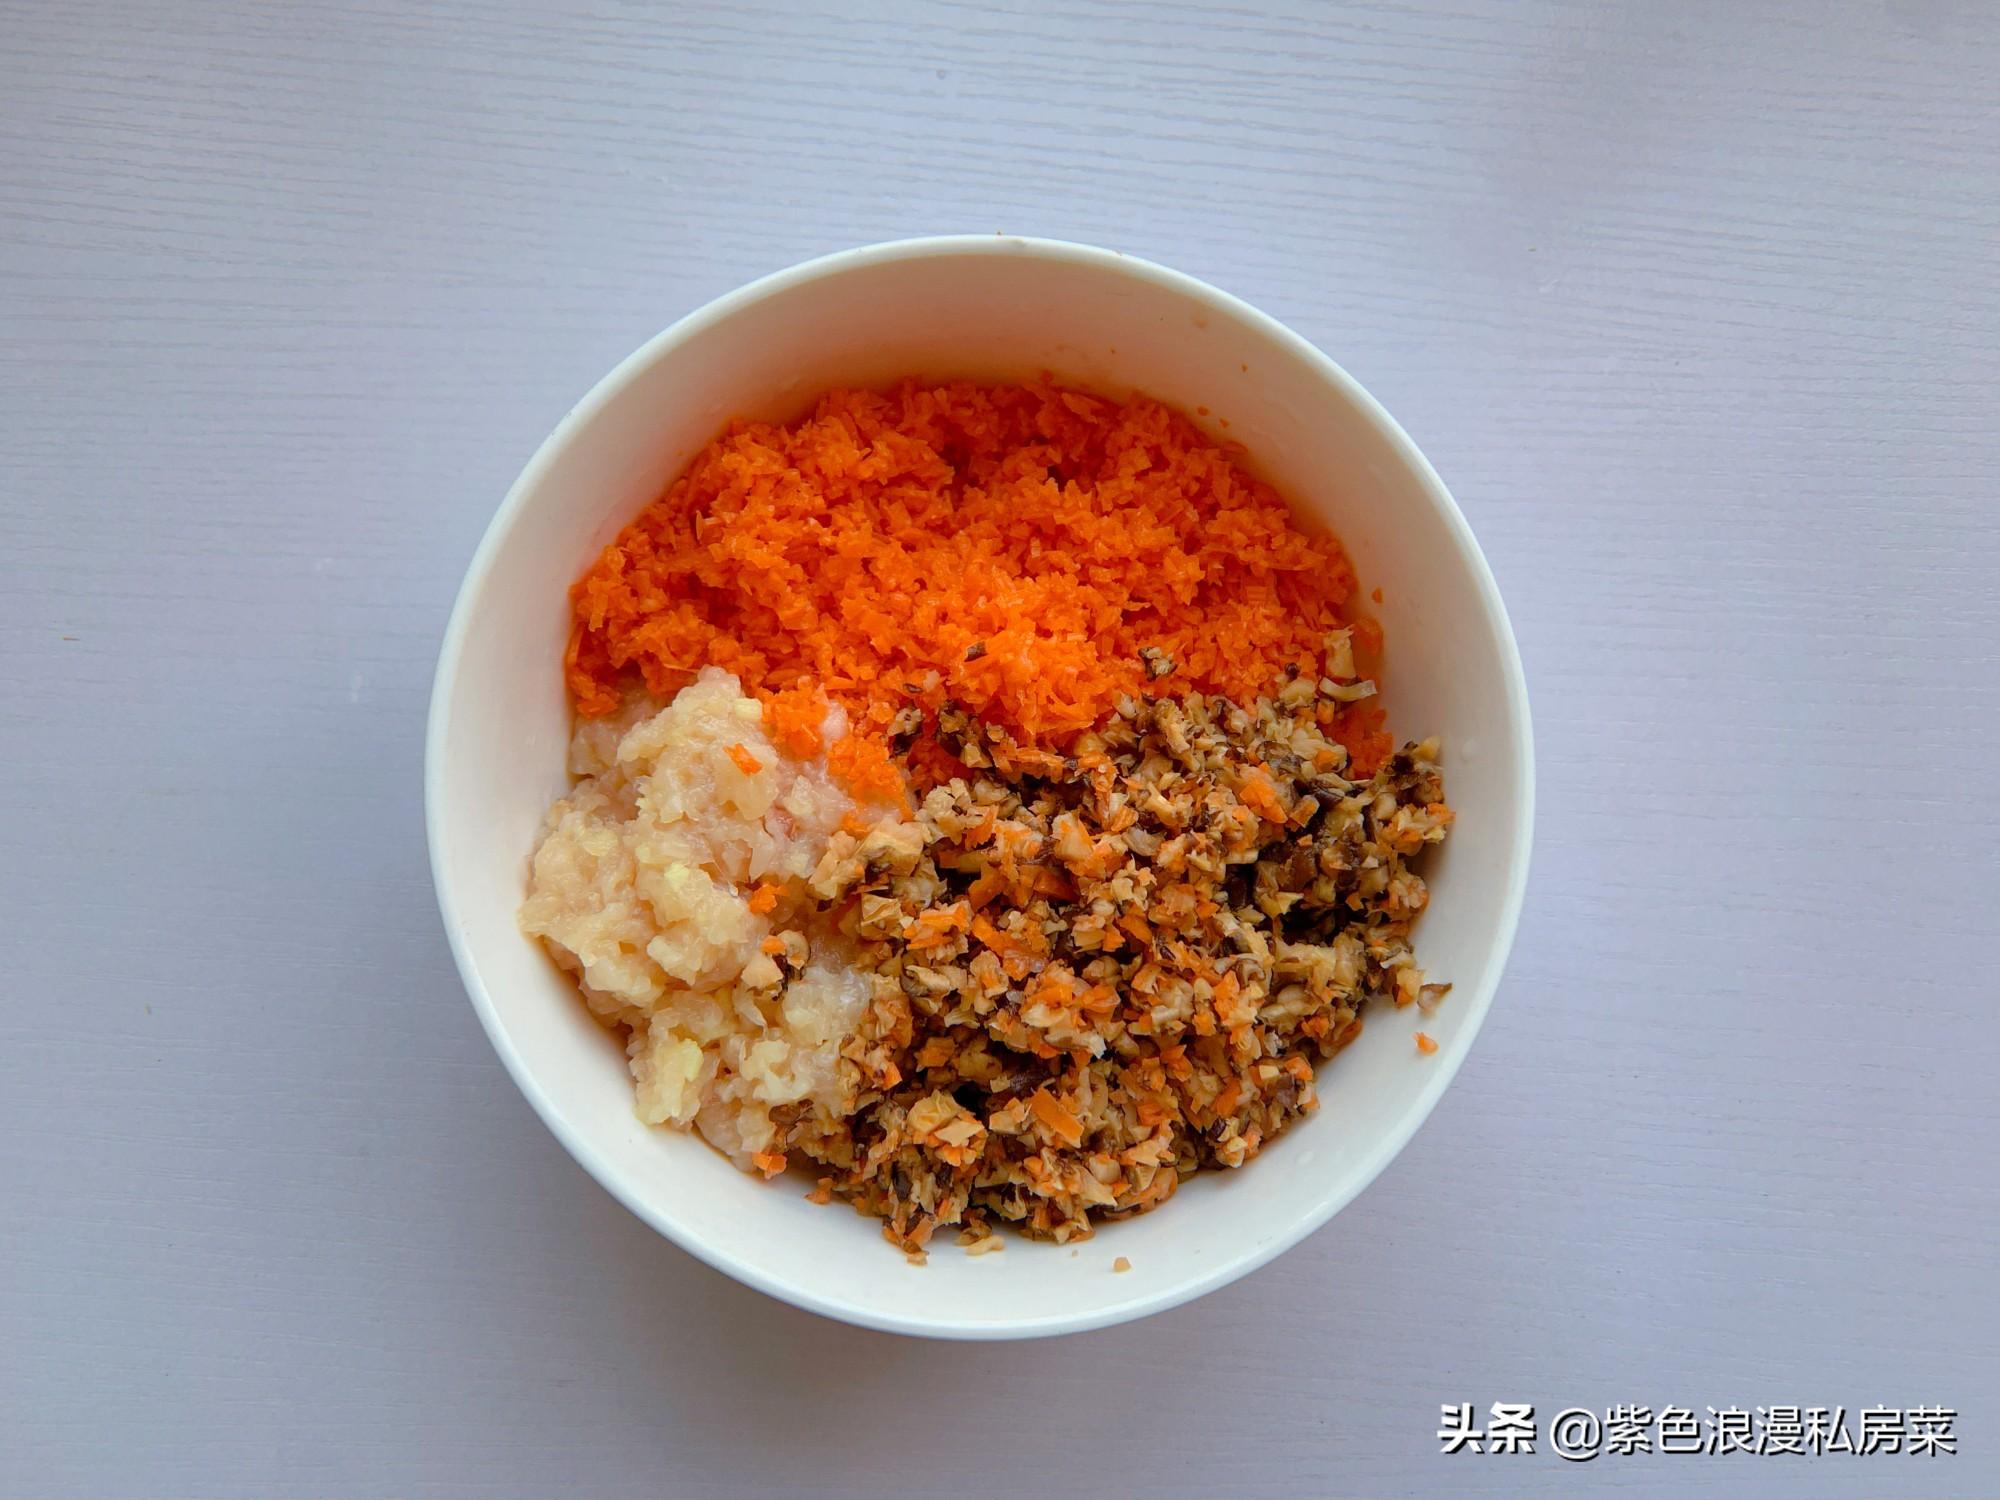 餛飩皮新吃法,搭配雞肉和蔬菜,低脂美味特解饞,減肥也能大口吃